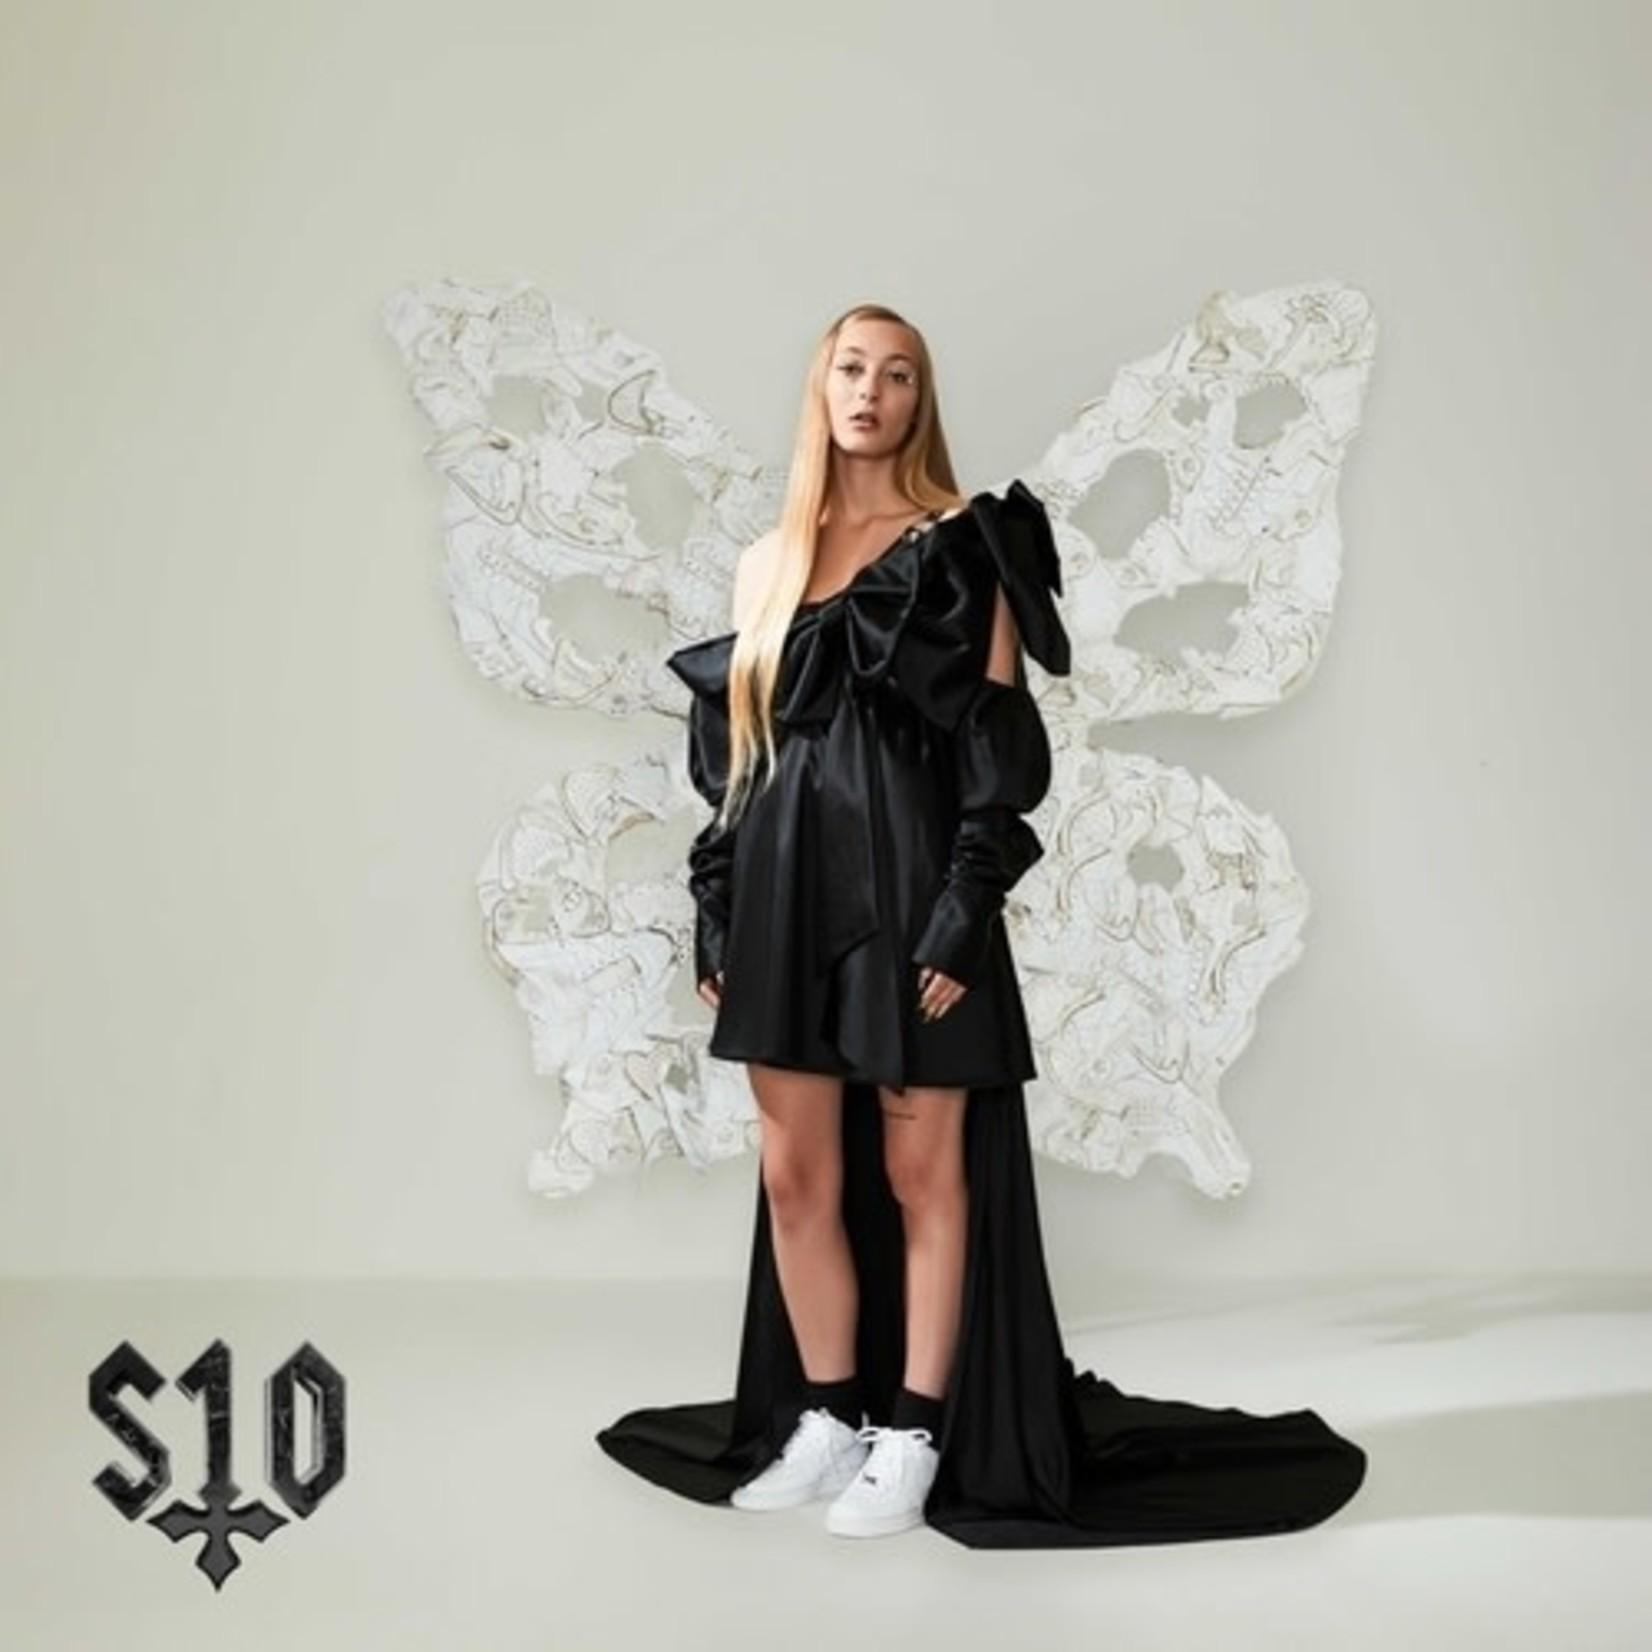 S10 - Vlinders ( (VINYL)